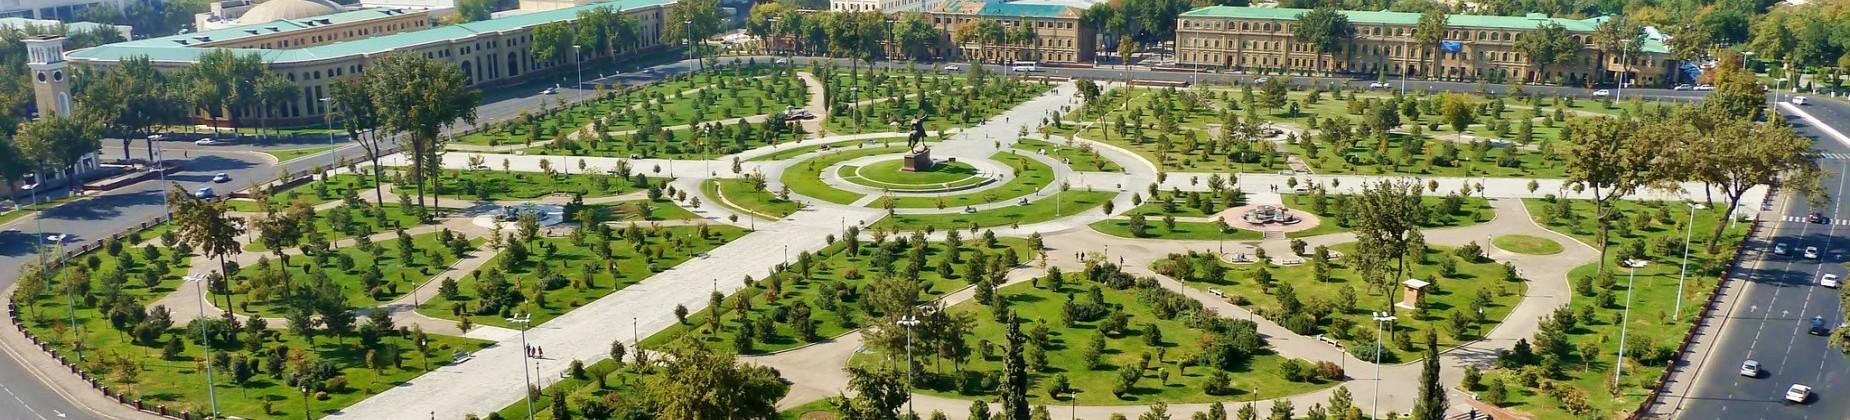 Экскурсия по Ташкенту - 1